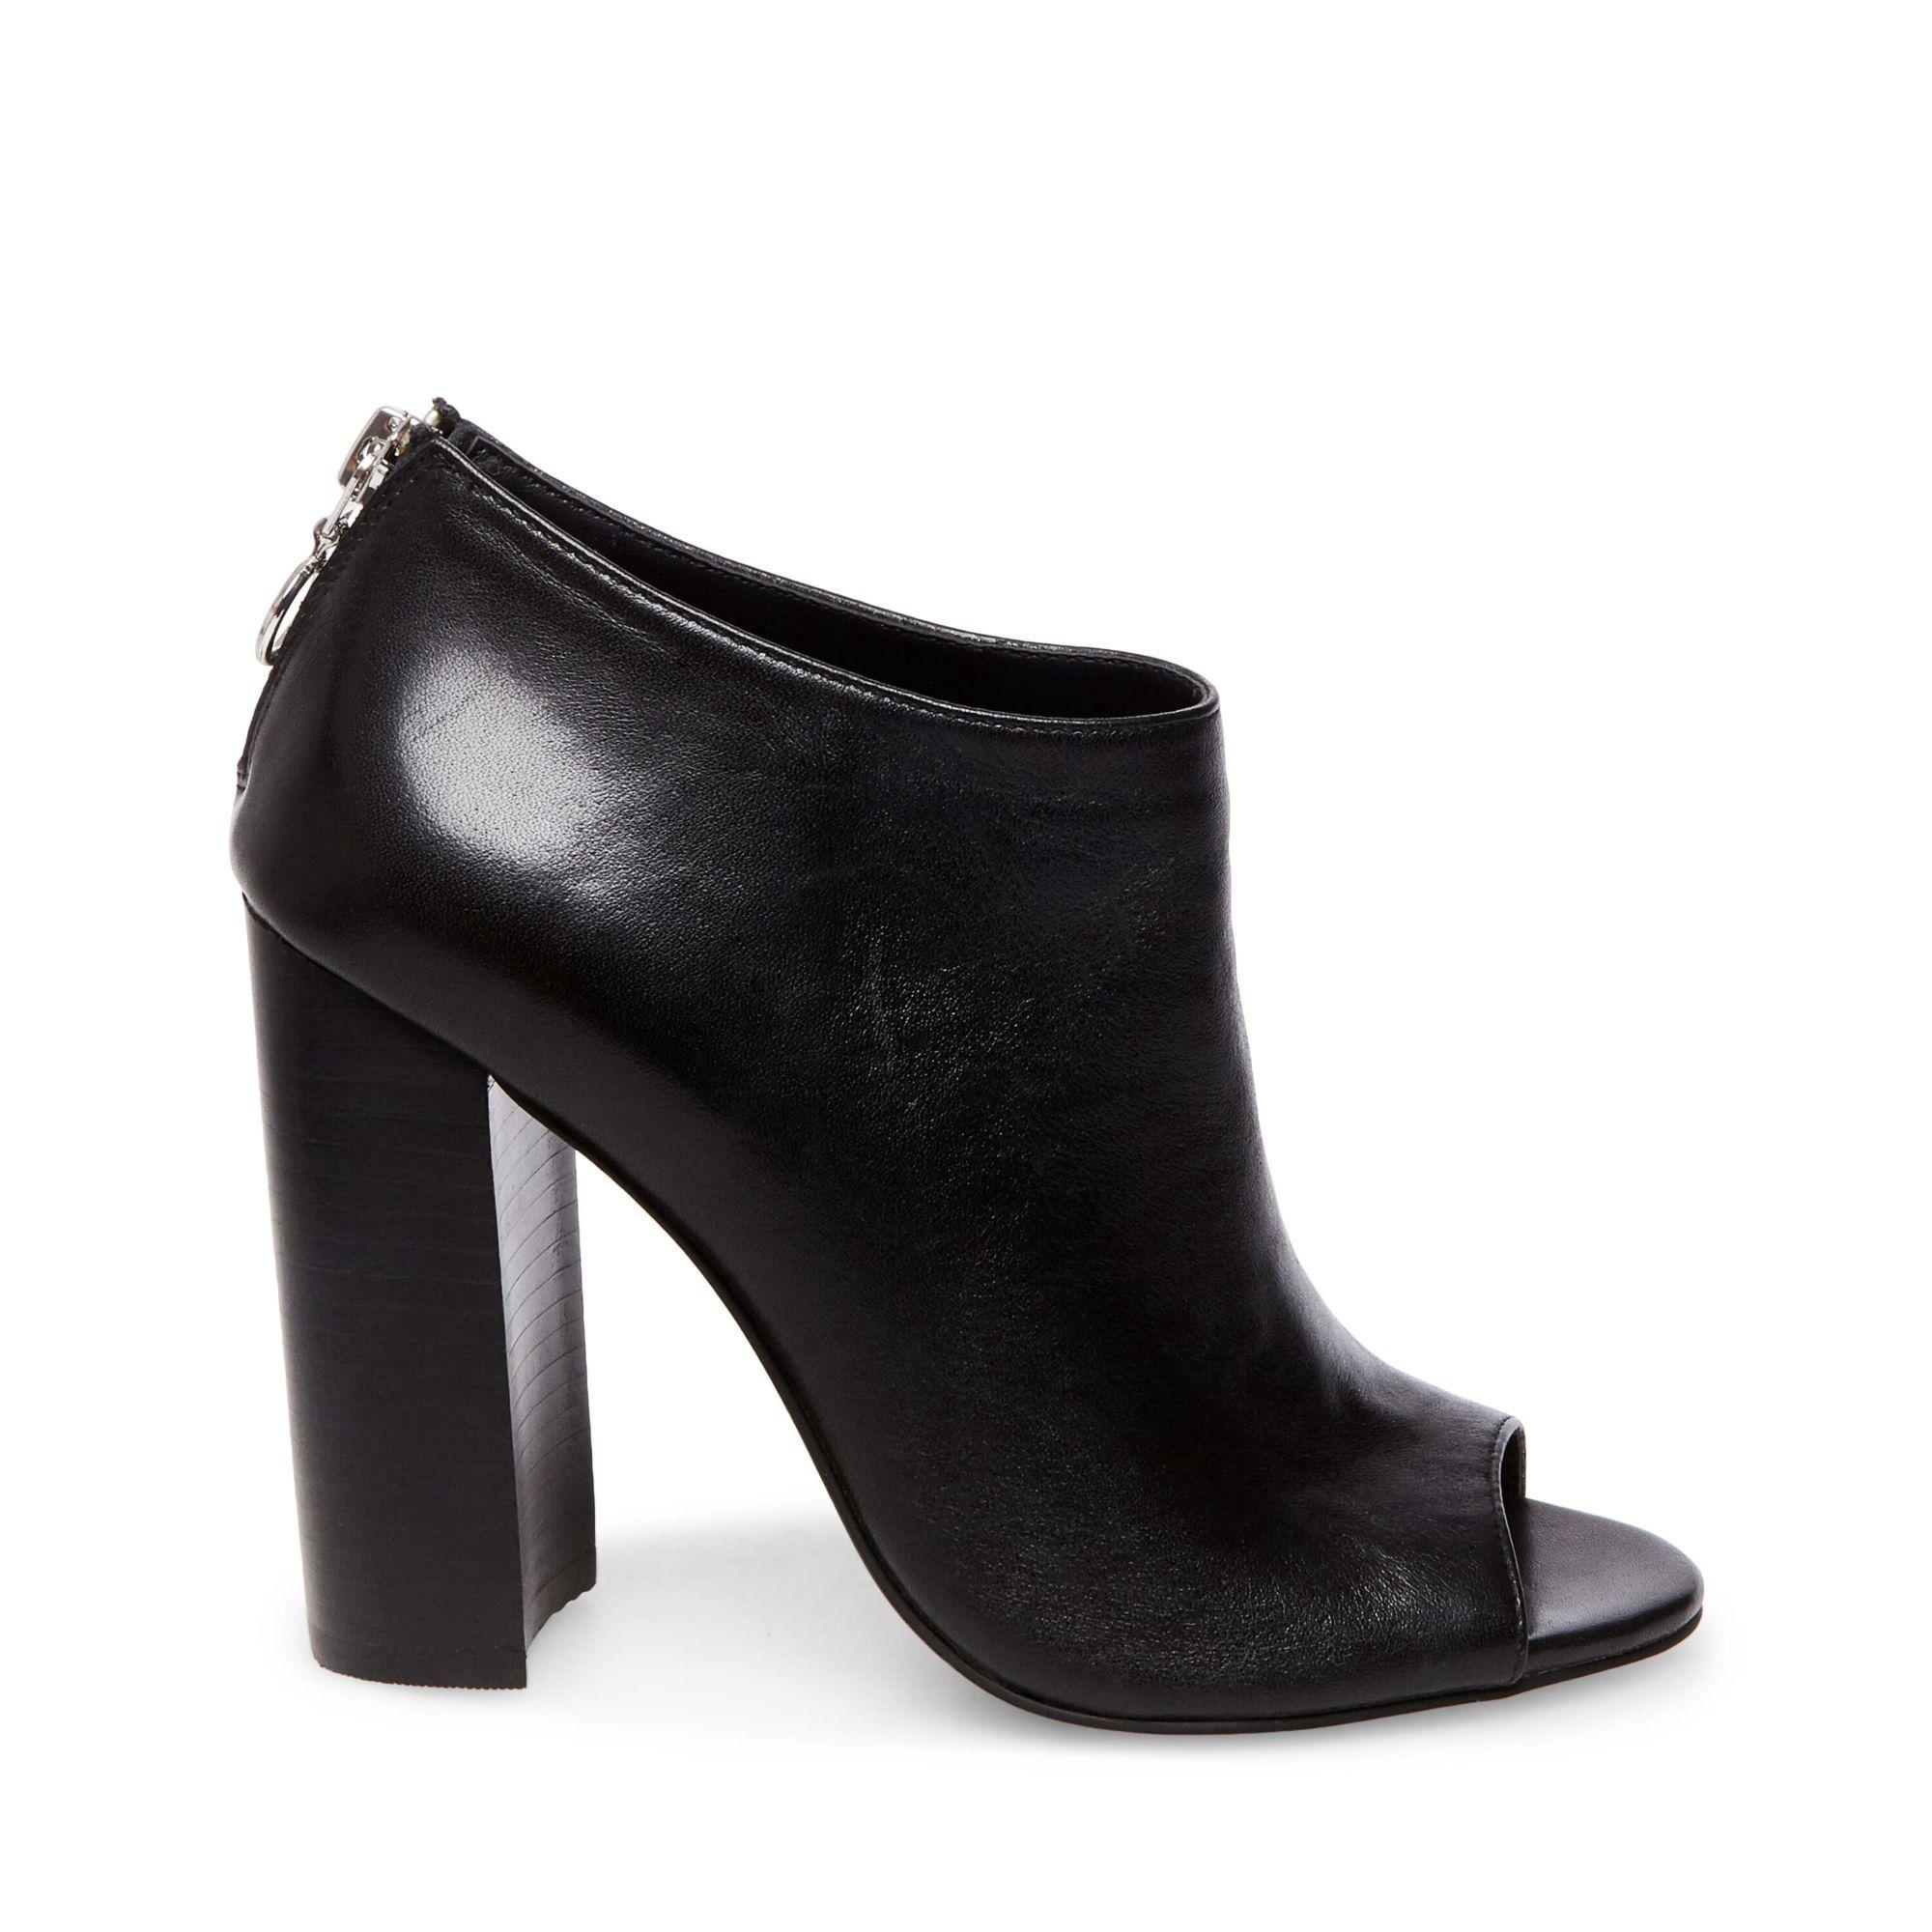 056c8440928 STEVE MADDEN Stinger.  stevemadden  shoes  all